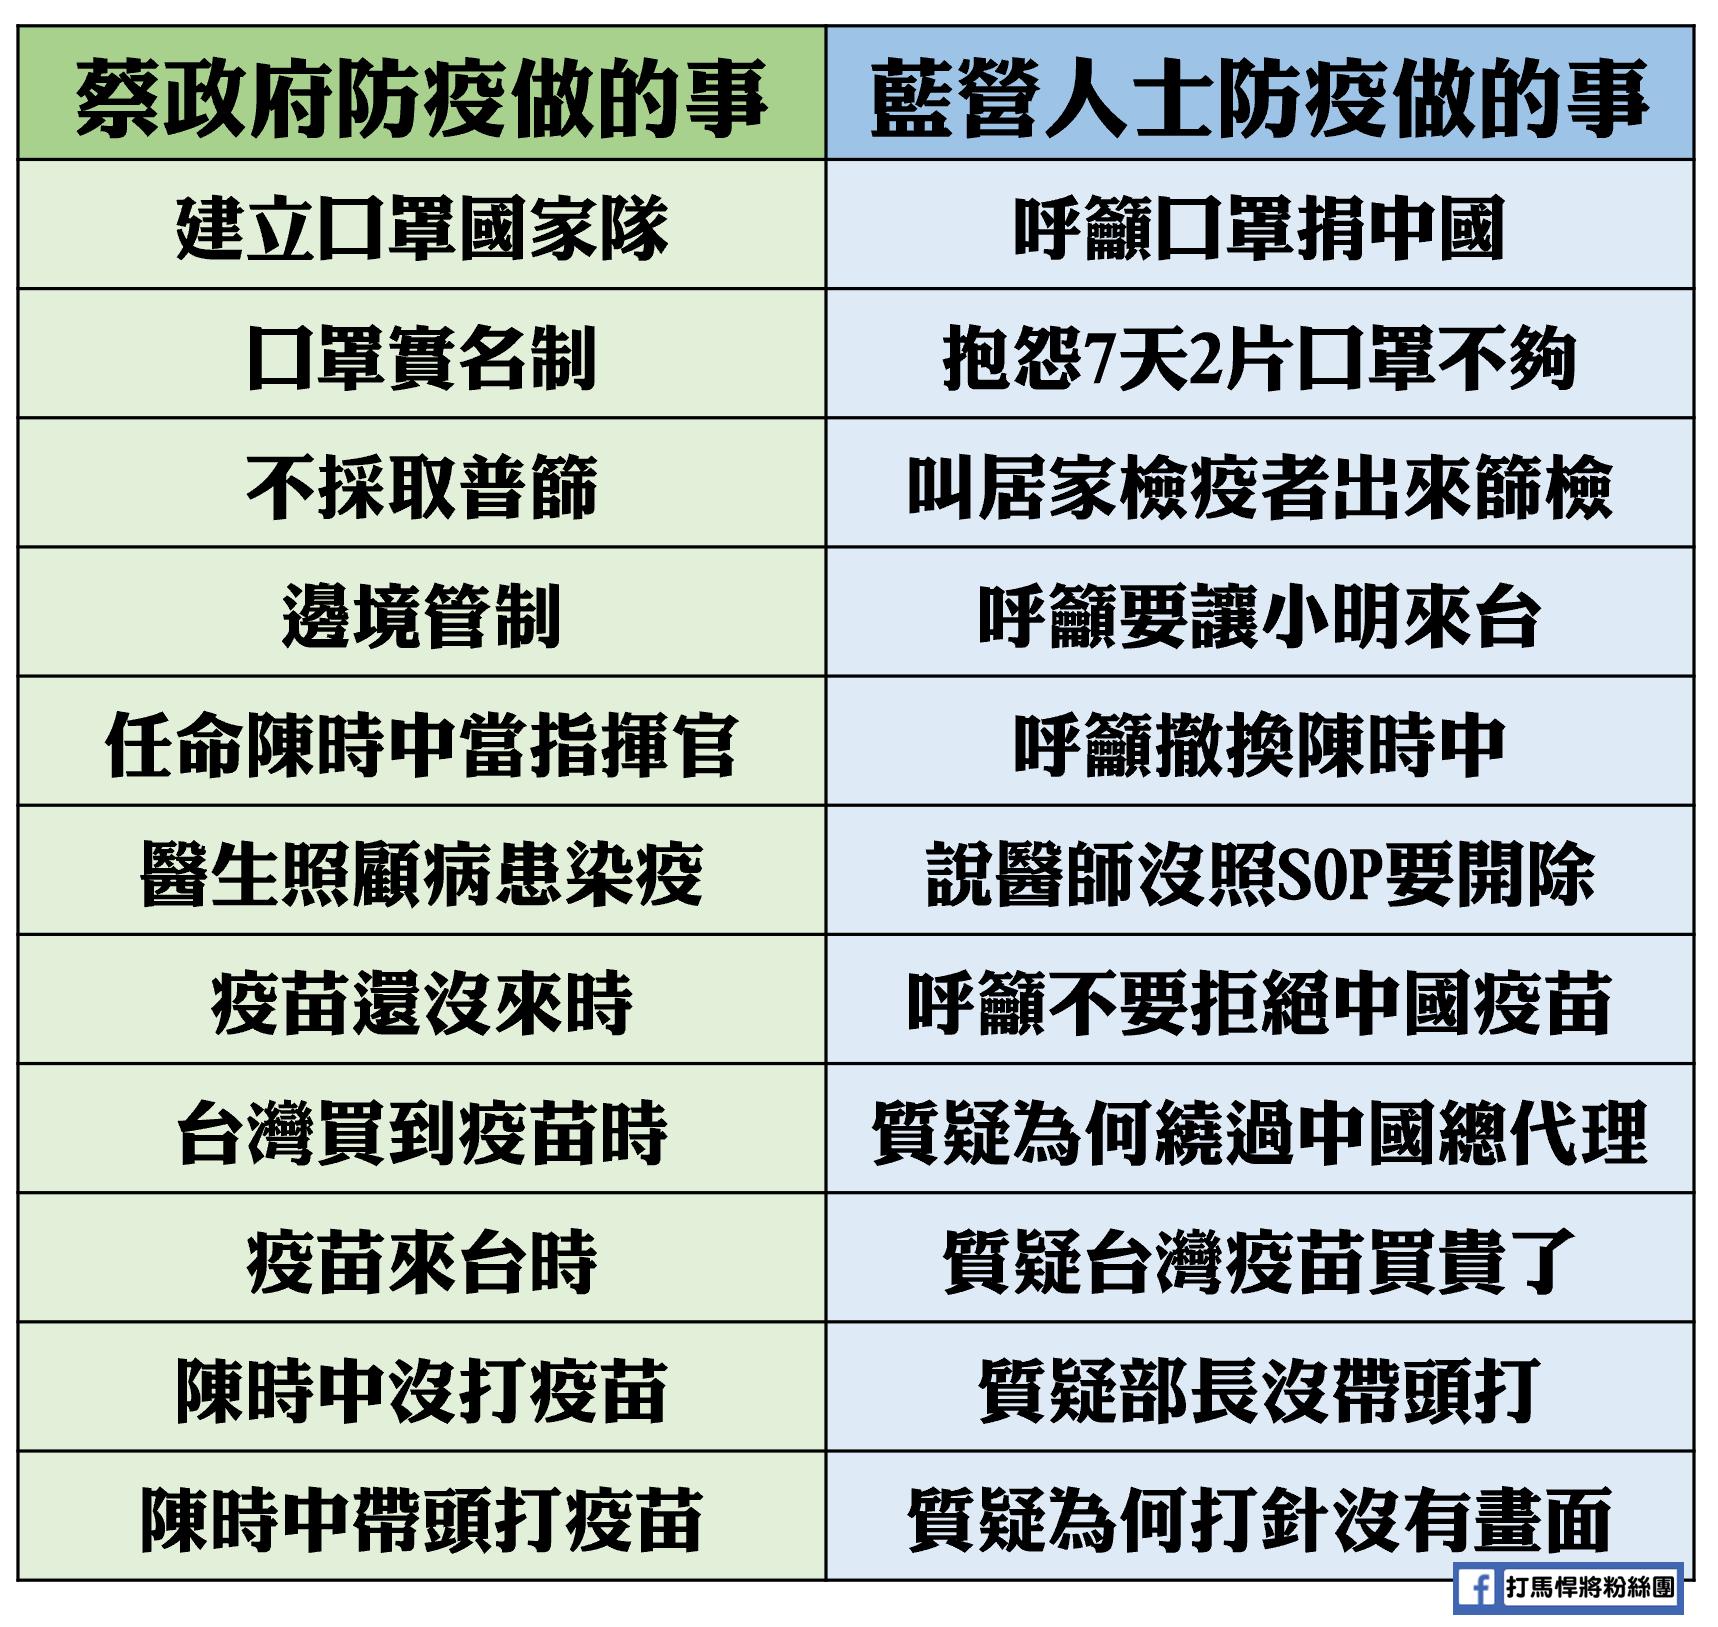 台灣在防疫,藍營唱反調